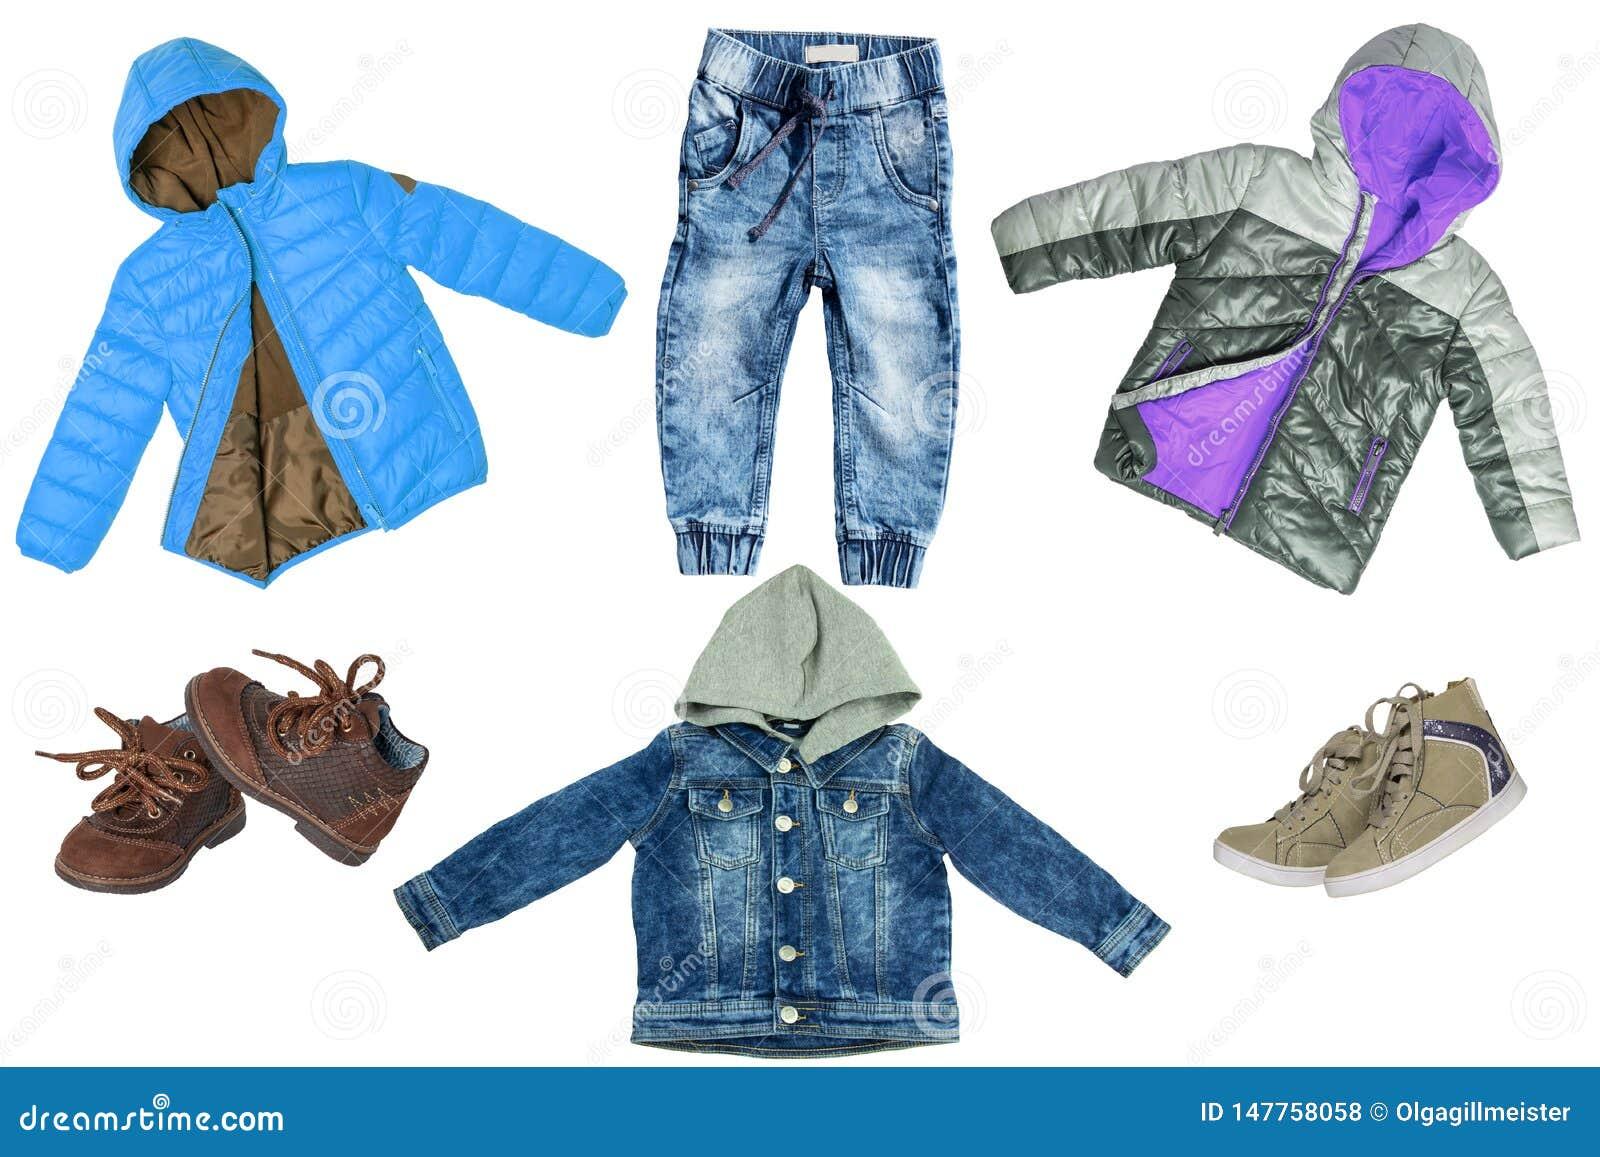 E 牛仔布牛仔裤或裤子、牛仔裤夹克、两双对鞋子和两件雨夹克儿童男孩的被隔绝